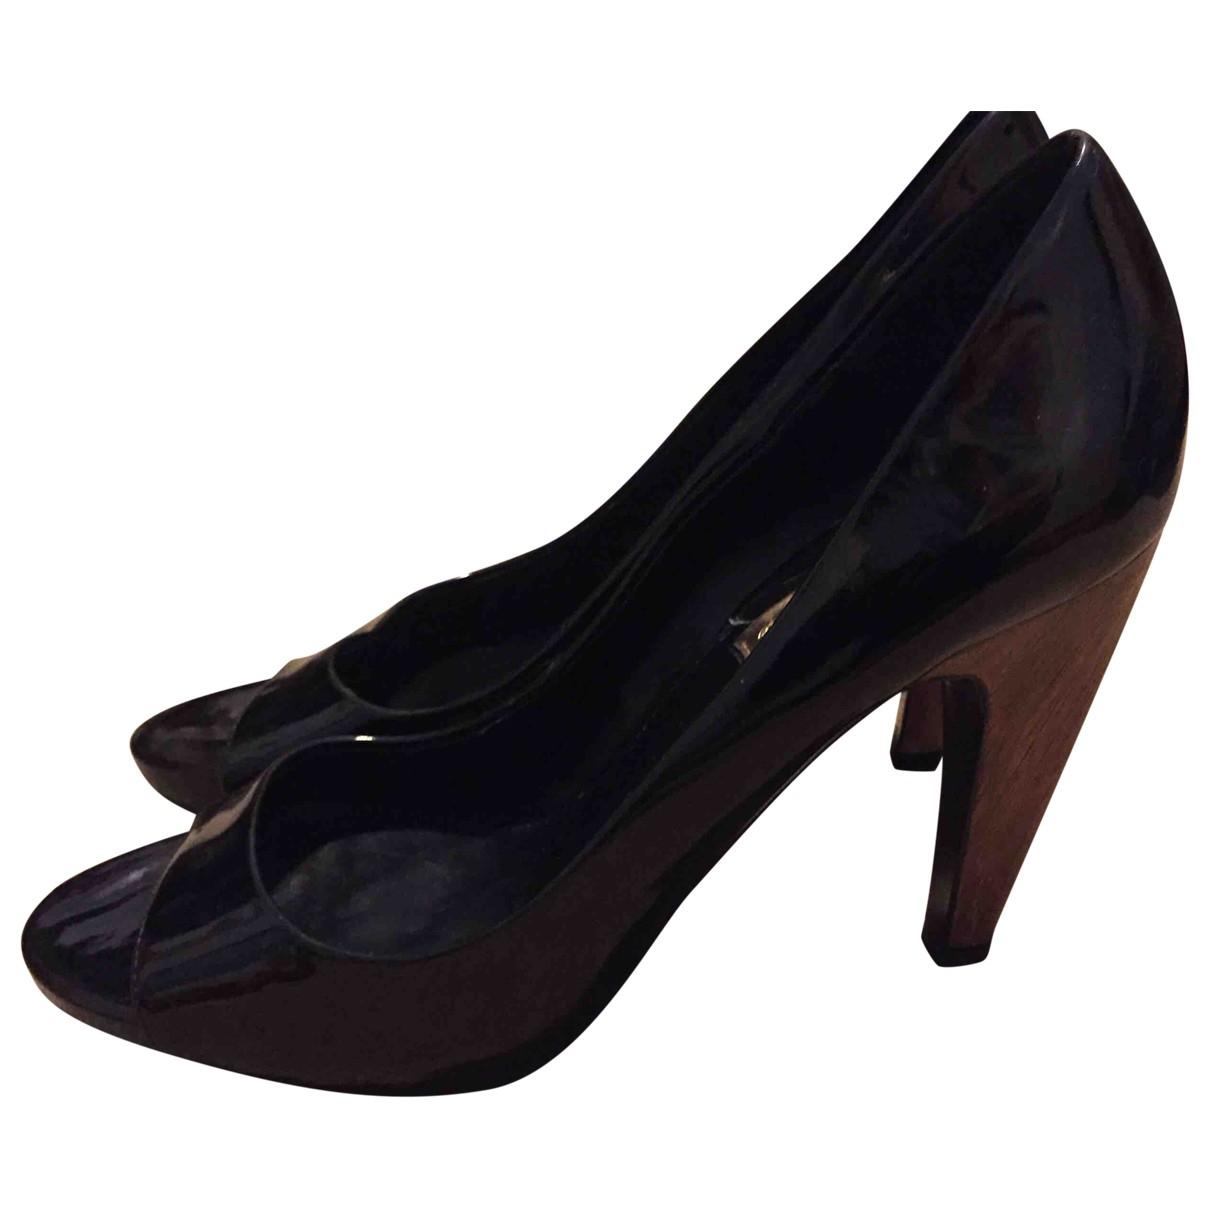 Zara - Escarpins   pour femme en cuir verni - noir